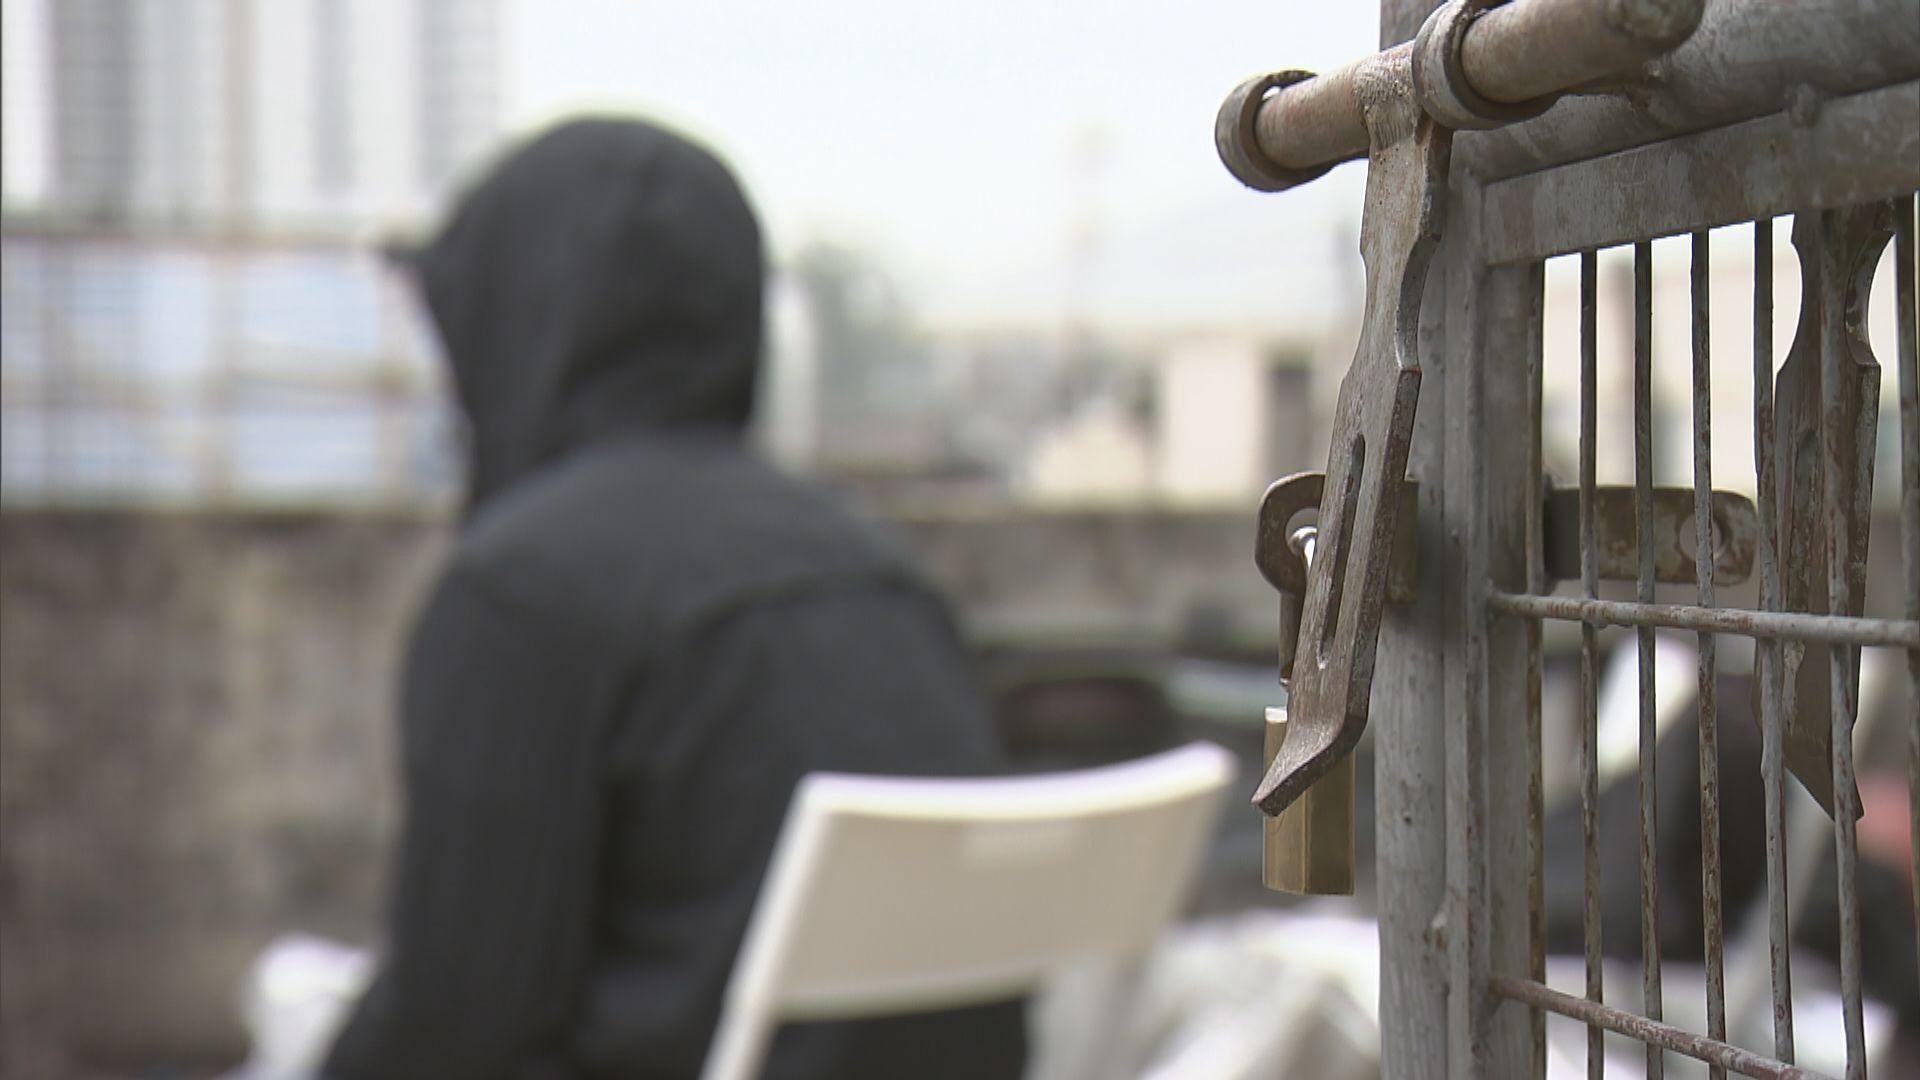 義務人士提供住宿給抗爭者作心靈緩衝